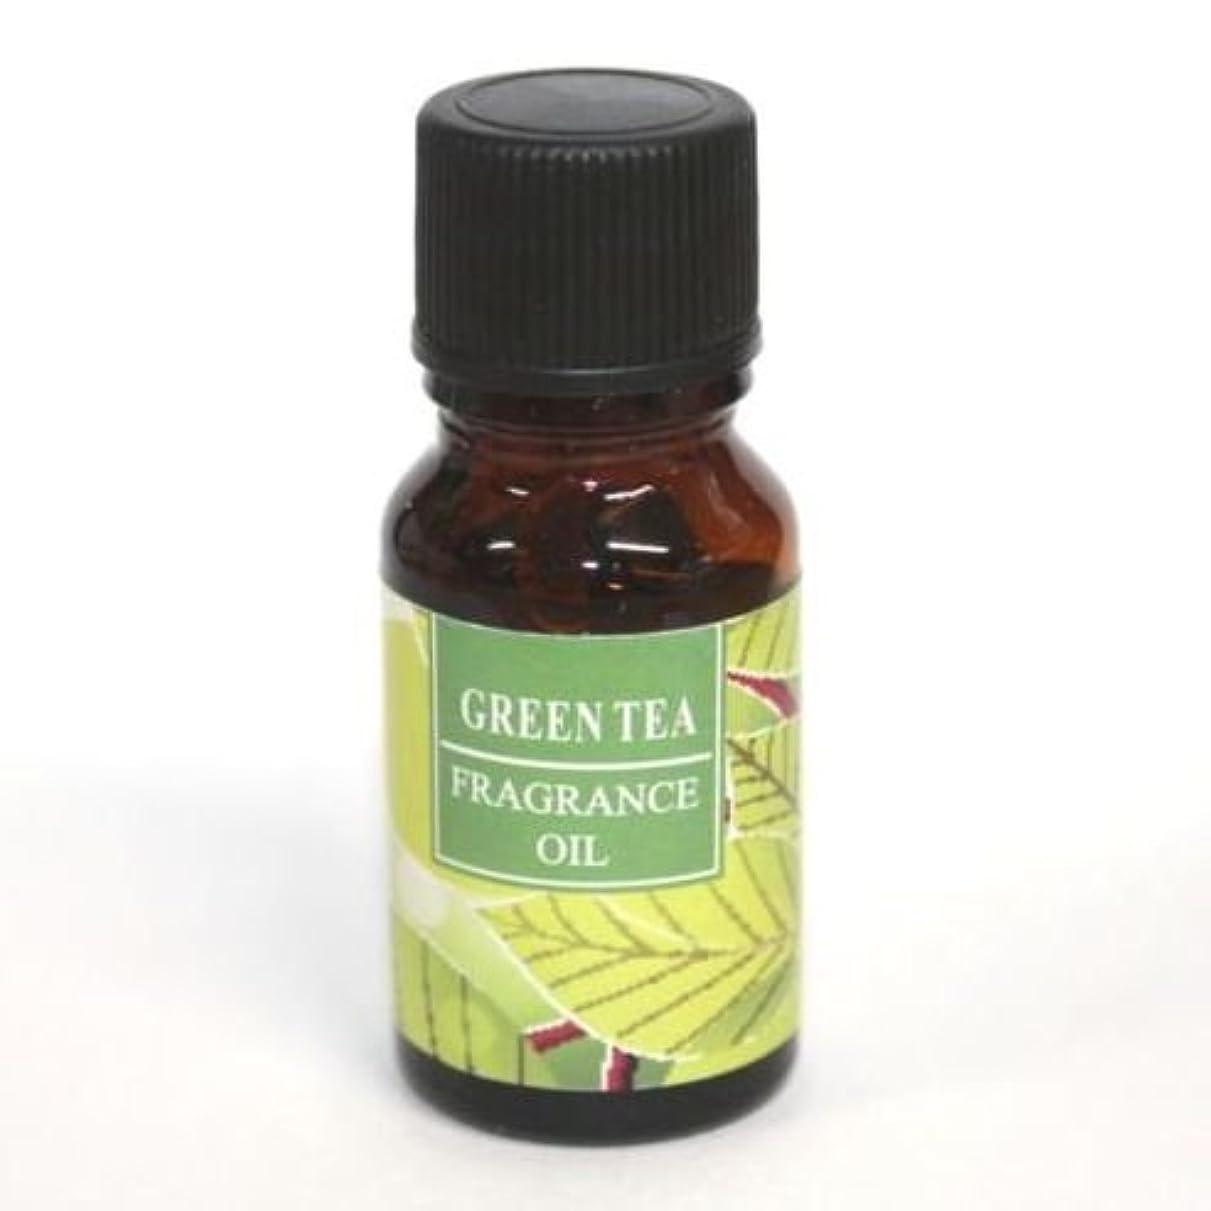 相続人不測の事態所属RELAXING アロマオイル AROMA OIL フレグランスオイル GREEN TEA 緑茶の香り RQ-09